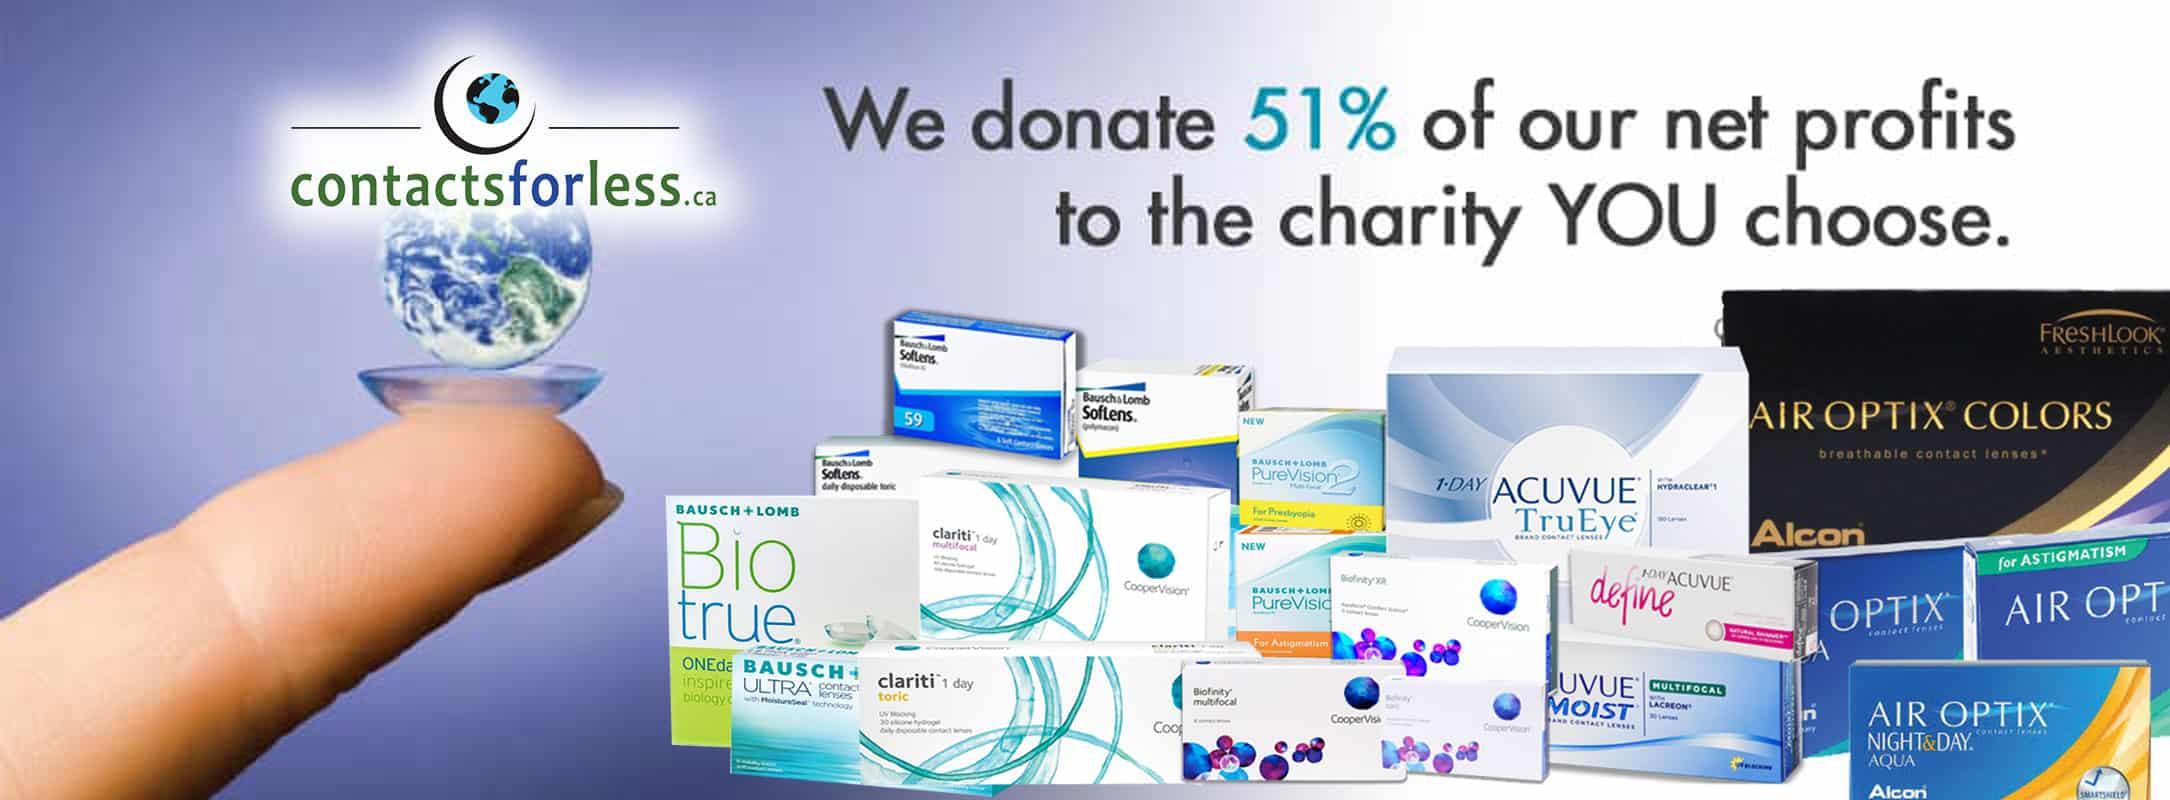 We donate